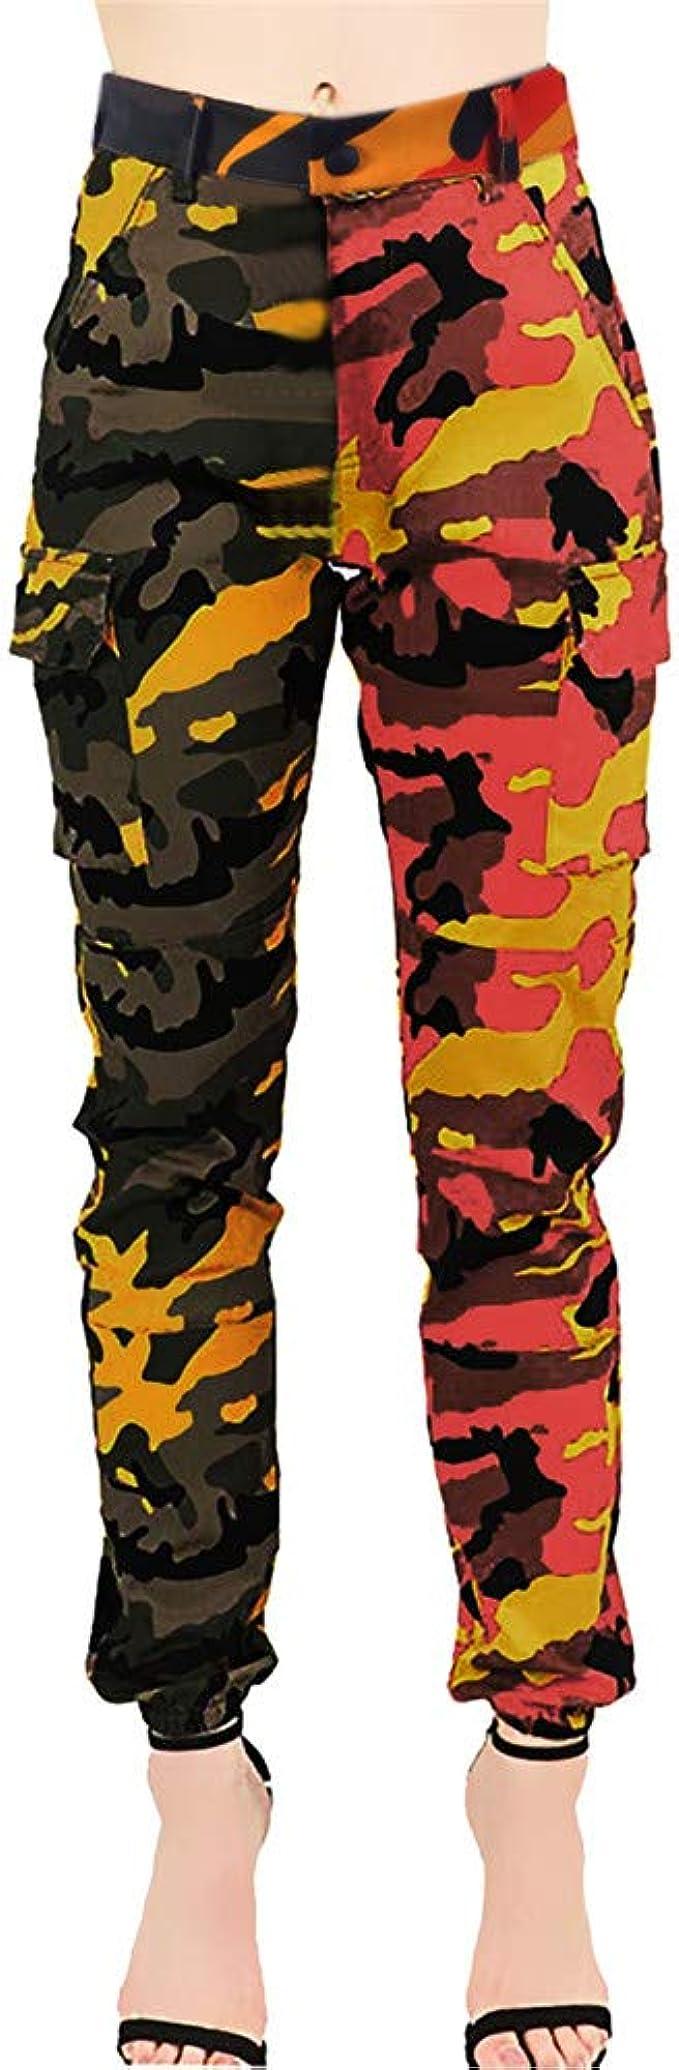 Pantalones Mujer Vaqueros Deporte Tallas Grandes, pantalón Mujer ...